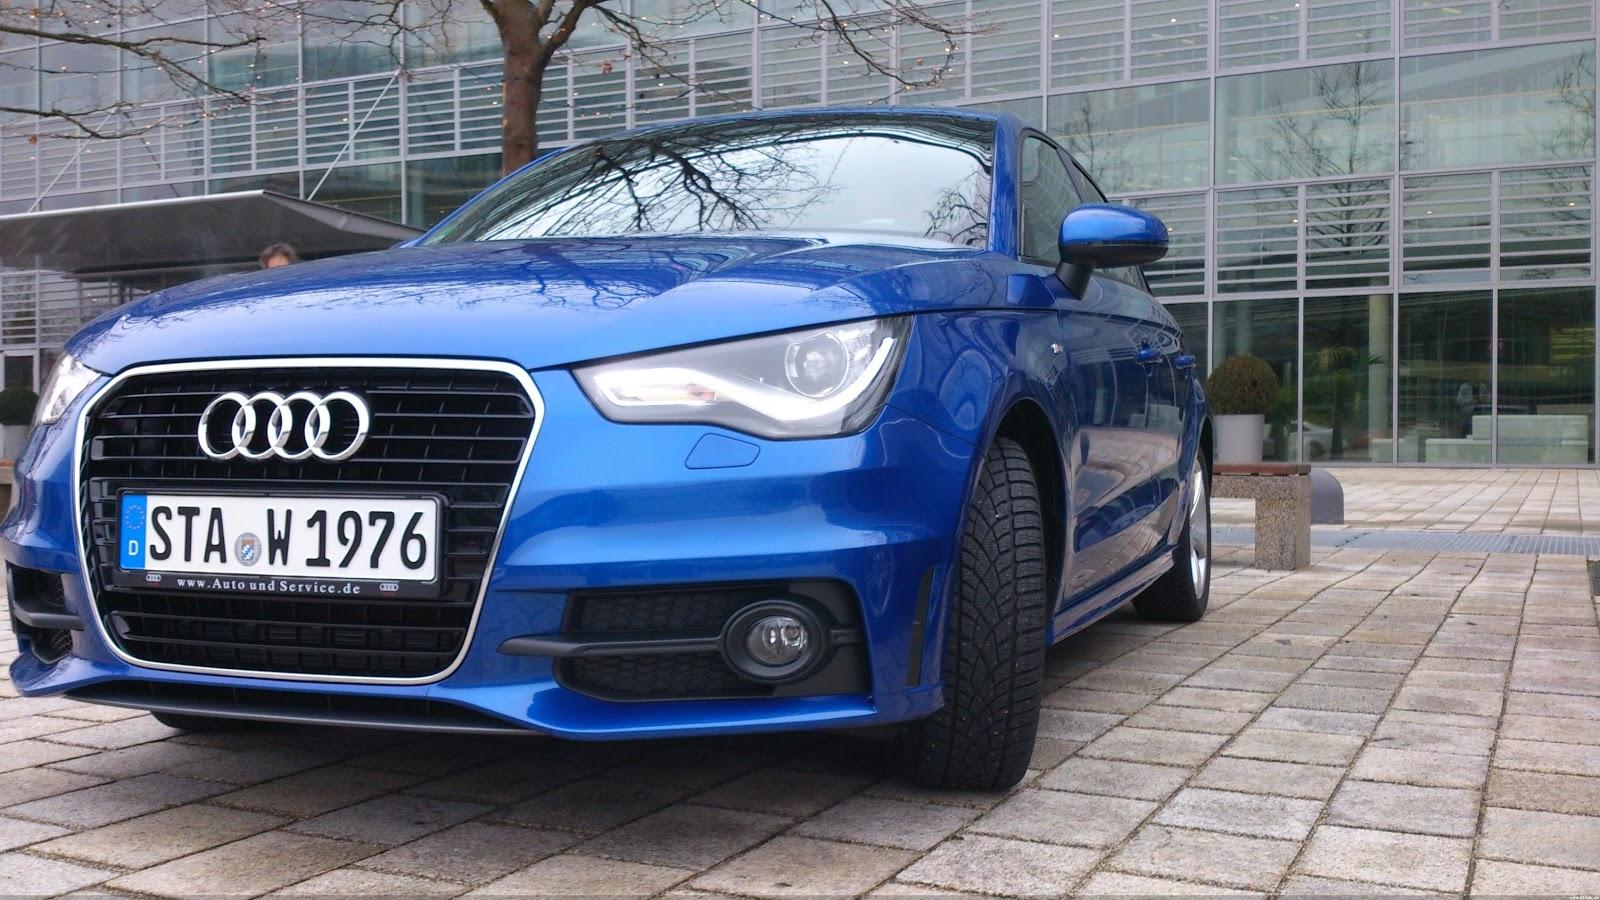 Audi+A1+exclusive+Sepangblau+Perleffekt+